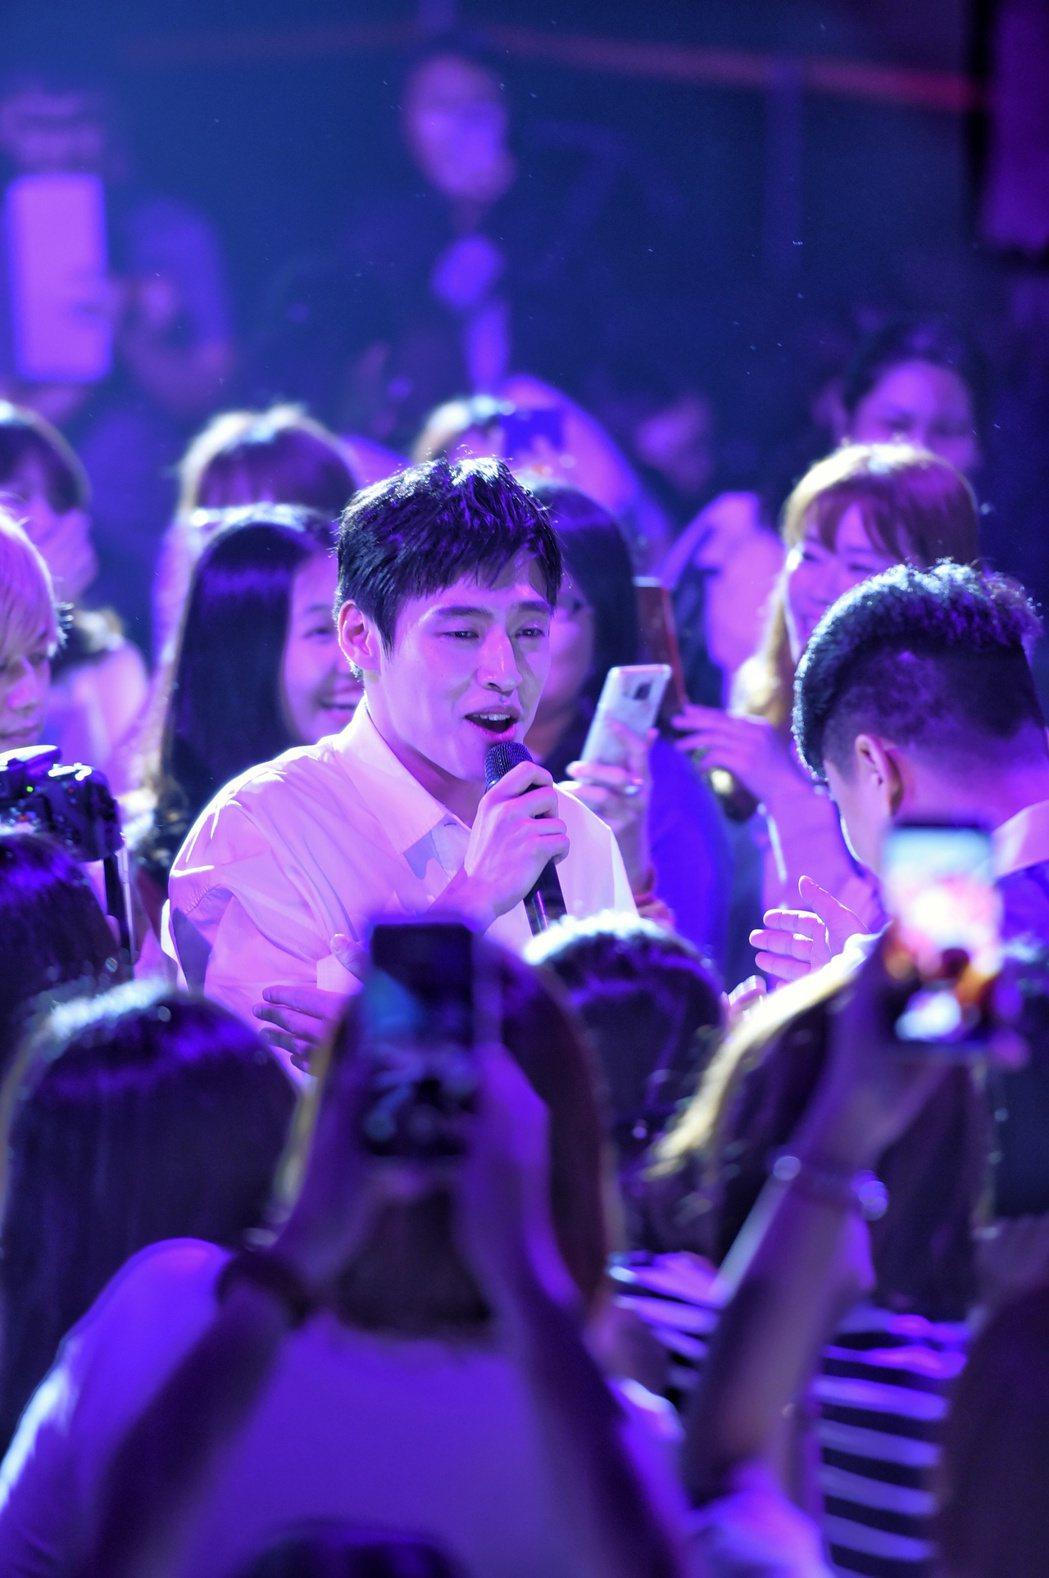 姜河那於台北att 4 fun 舉辦Fist Love in Taipei見面會...